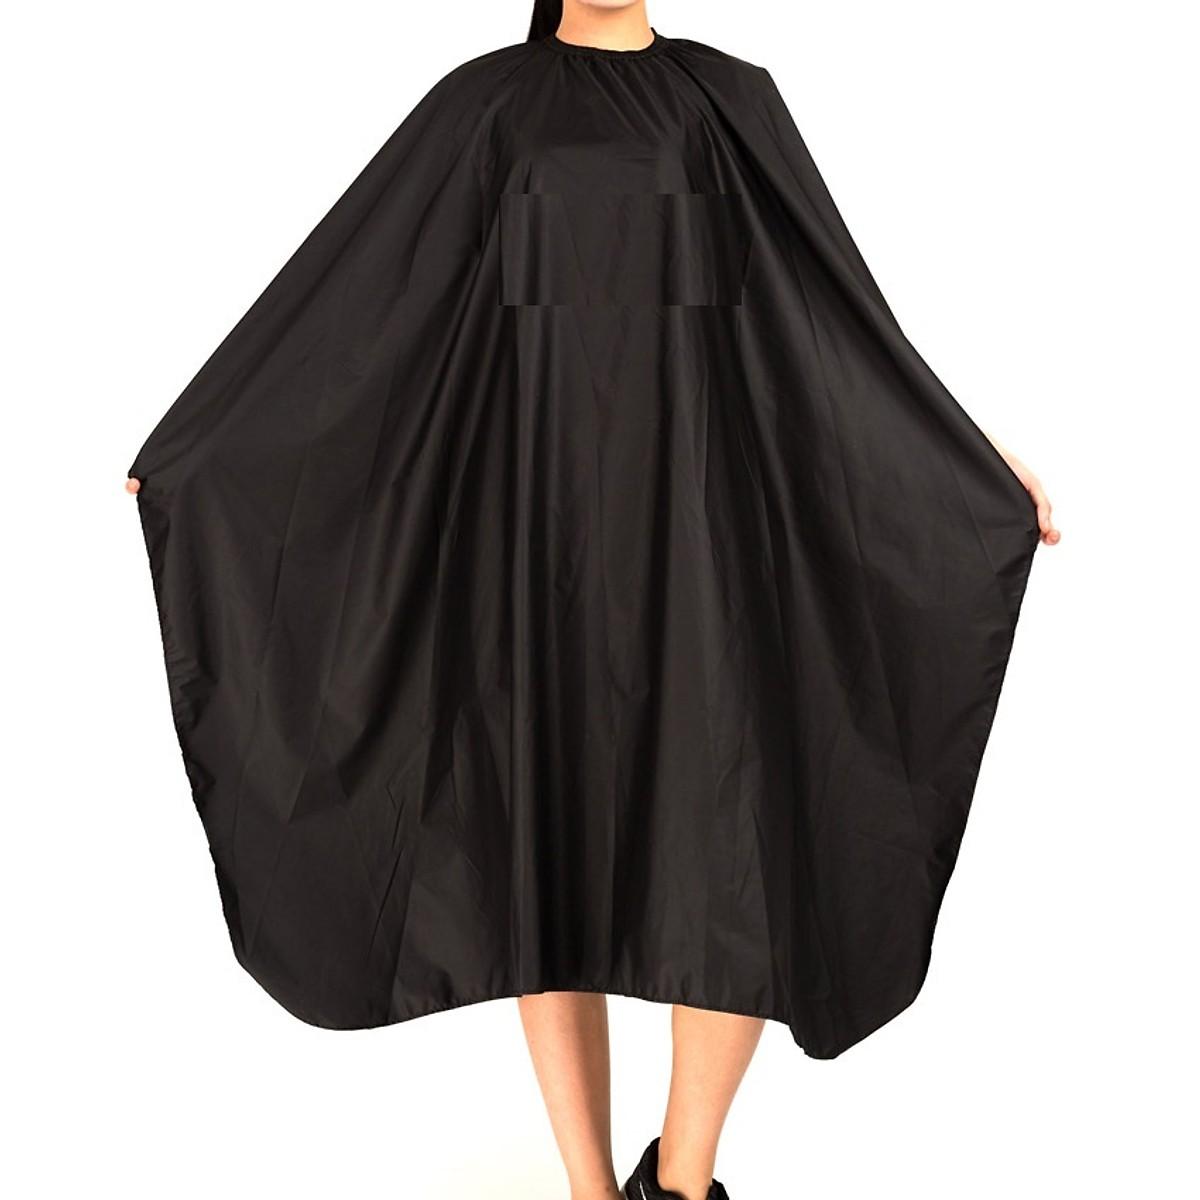 Áo choàng cắt tóc màu đen chuyên nghiệp cho salon tóc